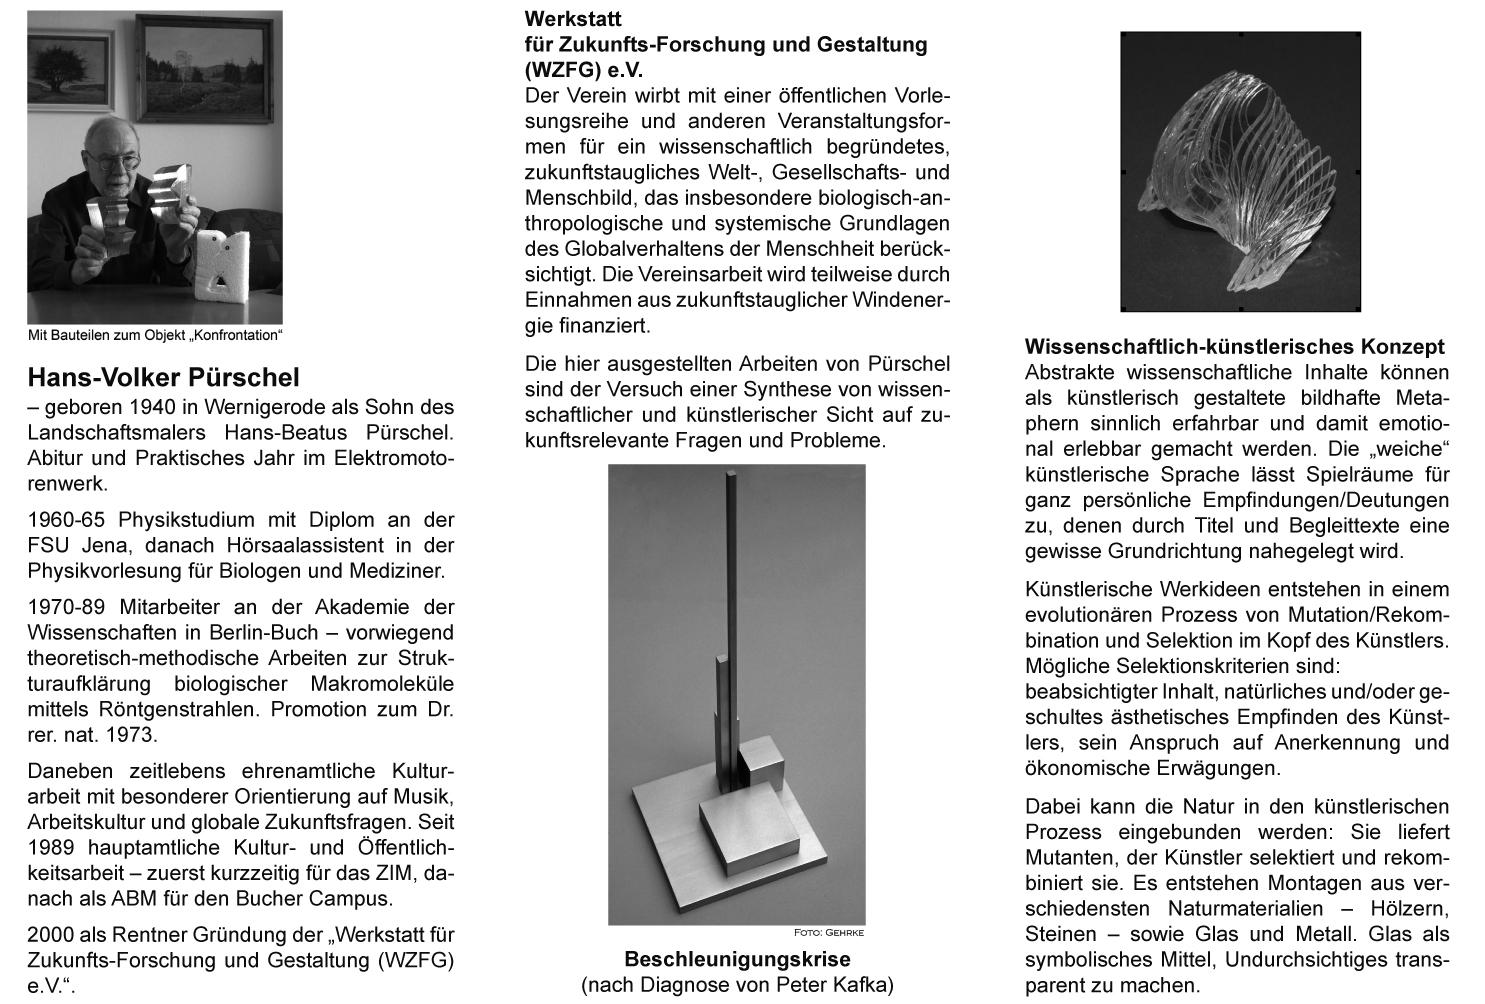 Ziemlich Fsu Diplom Rahmen Ideen - Rahmen Ideen - markjohnsonshow.info